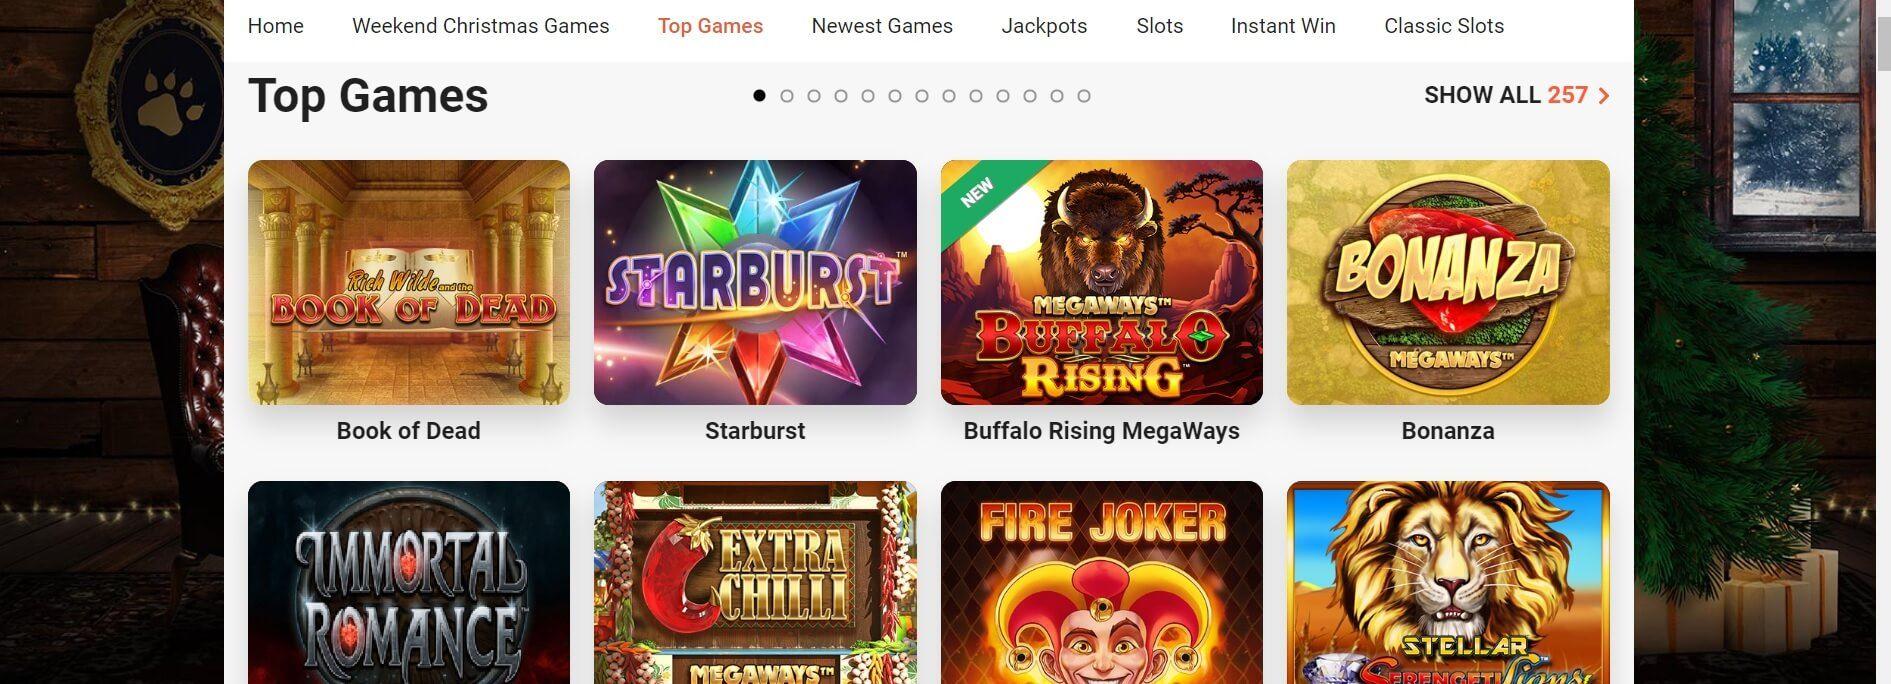 LeoVegas Casino Review 250 Free Spins & £1500 Bonus